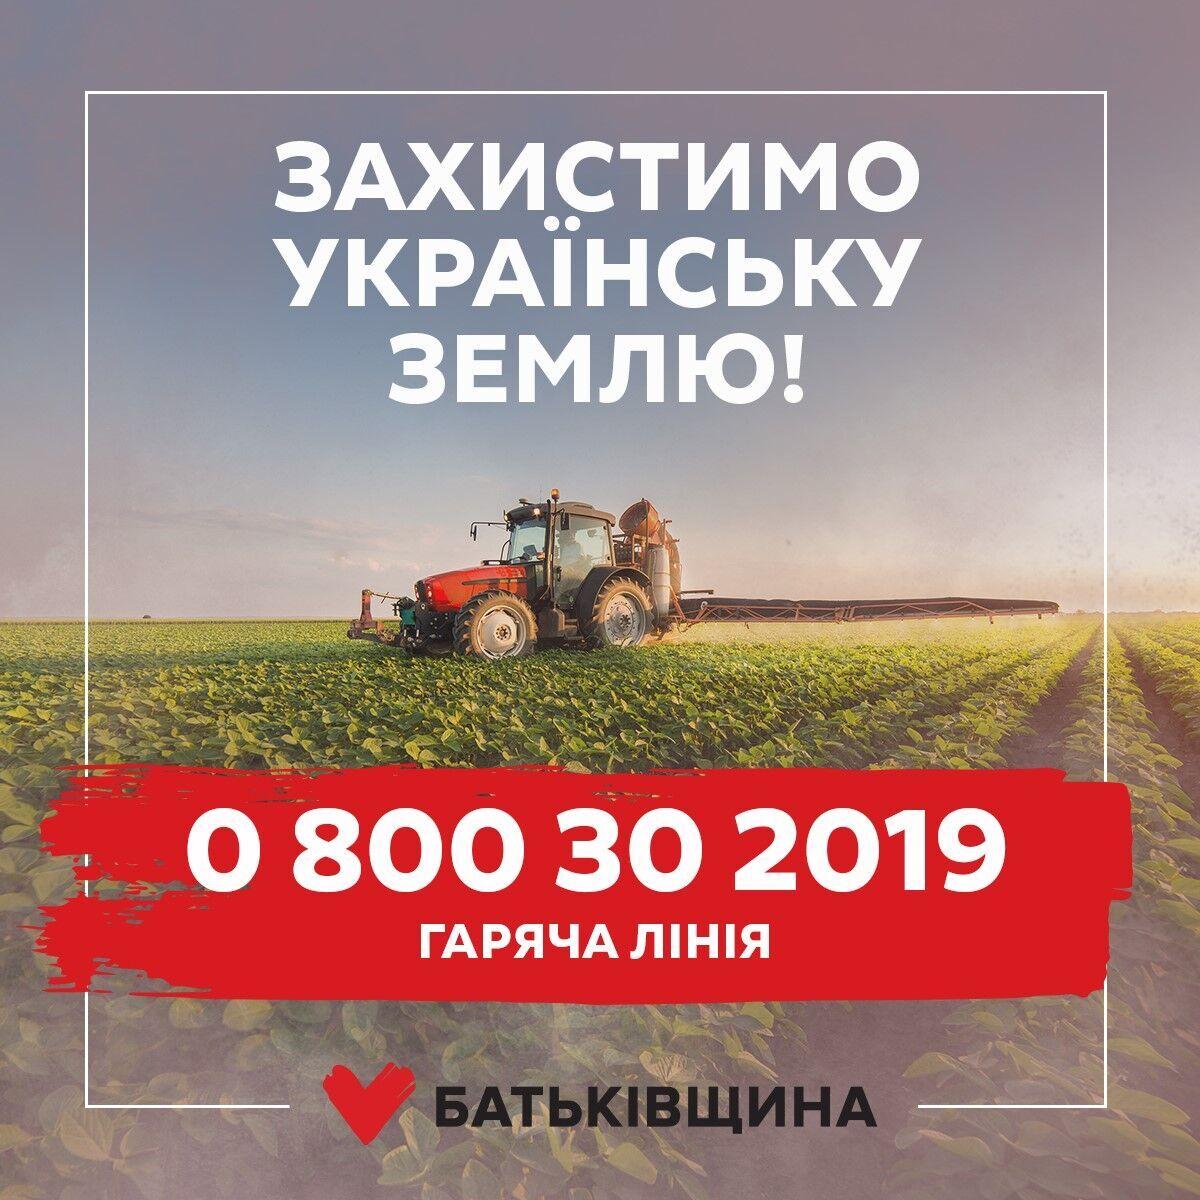 """""""Батьківщина"""" открыла телефонную горячую линию для защиты земли"""